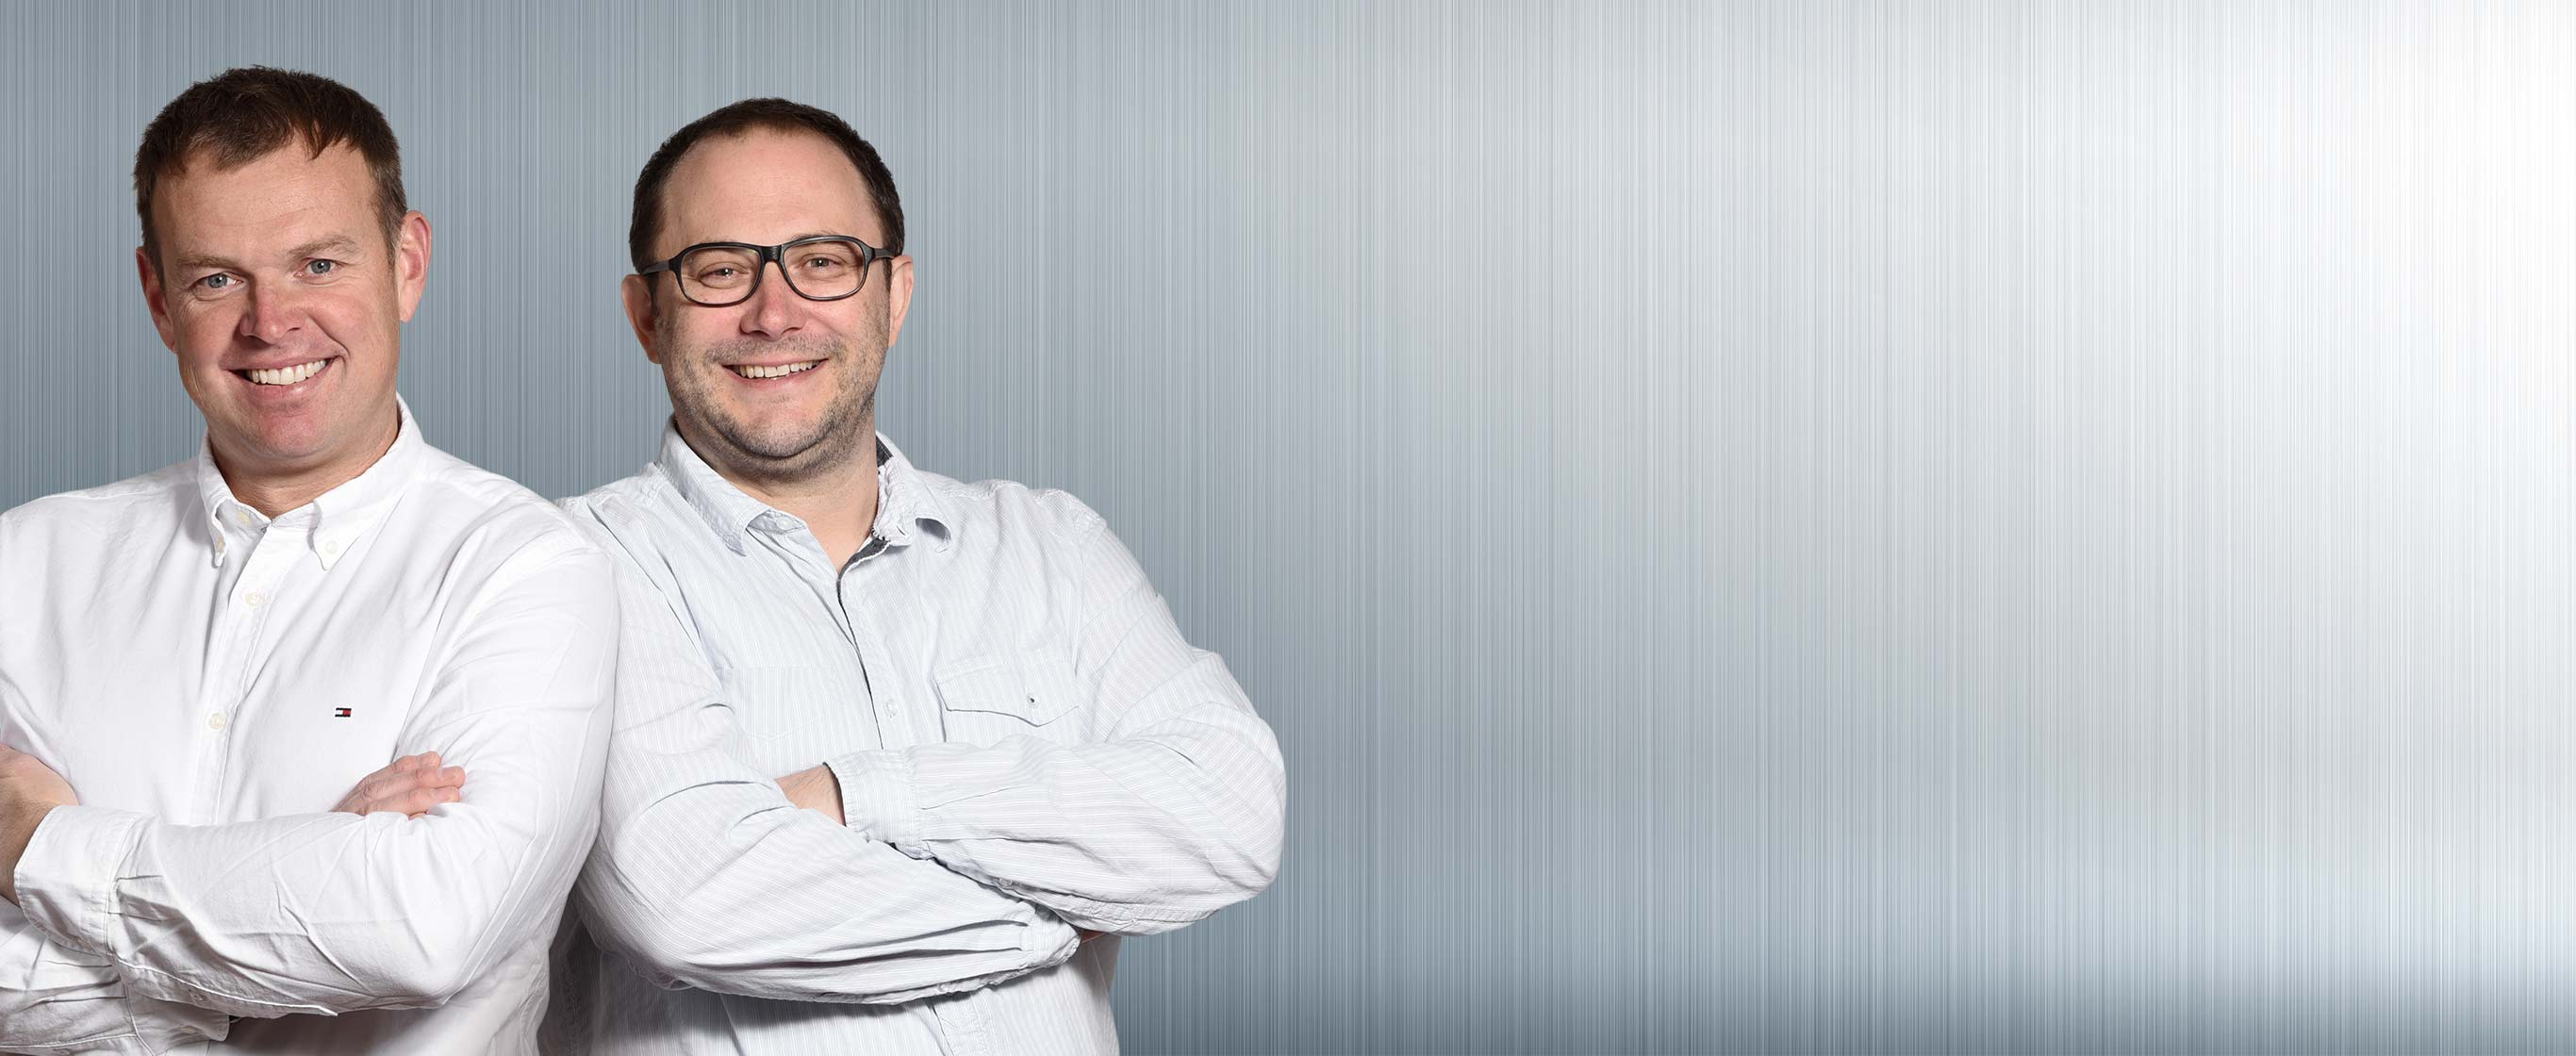 Rettinger Kempten - MEISTER DER ELEMENTE: Markus Rettinger, Geschäftsführer und Badgestalter | Stephan Ernst, Meister